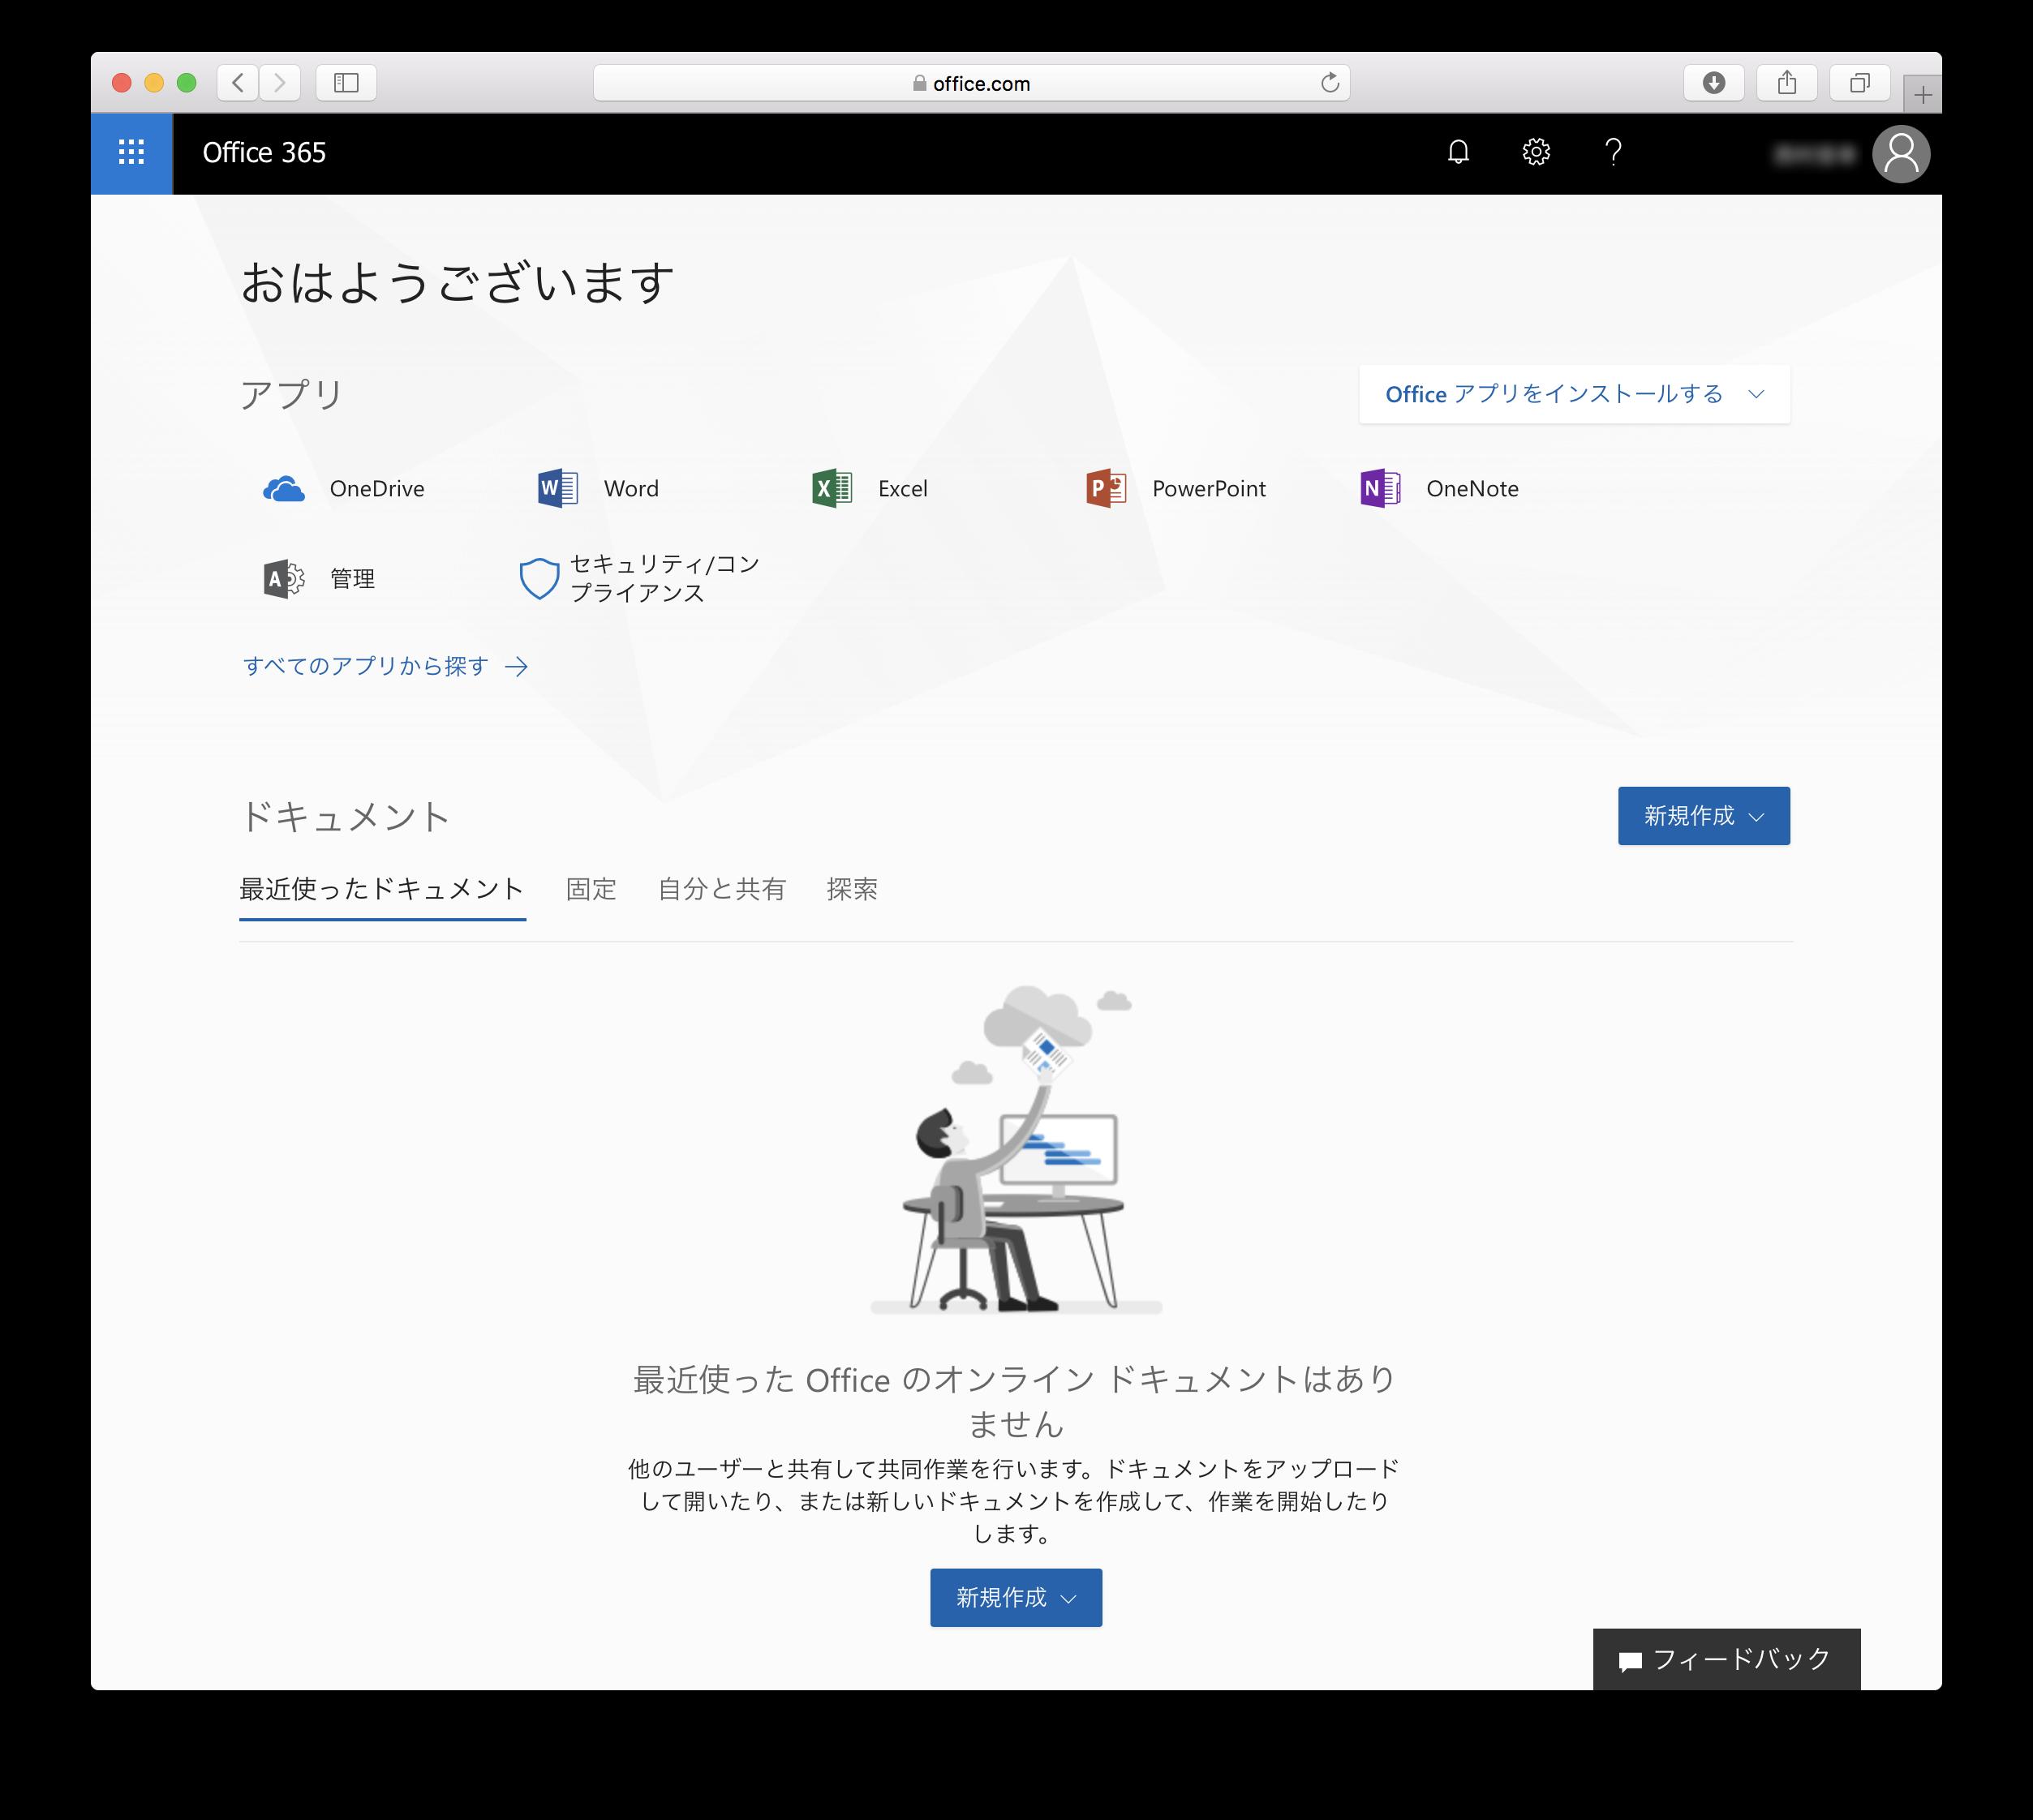 http://www.kozure-hitsuji.com/items/bc314379ede61230a424d98e20d010ef3c192f40.png